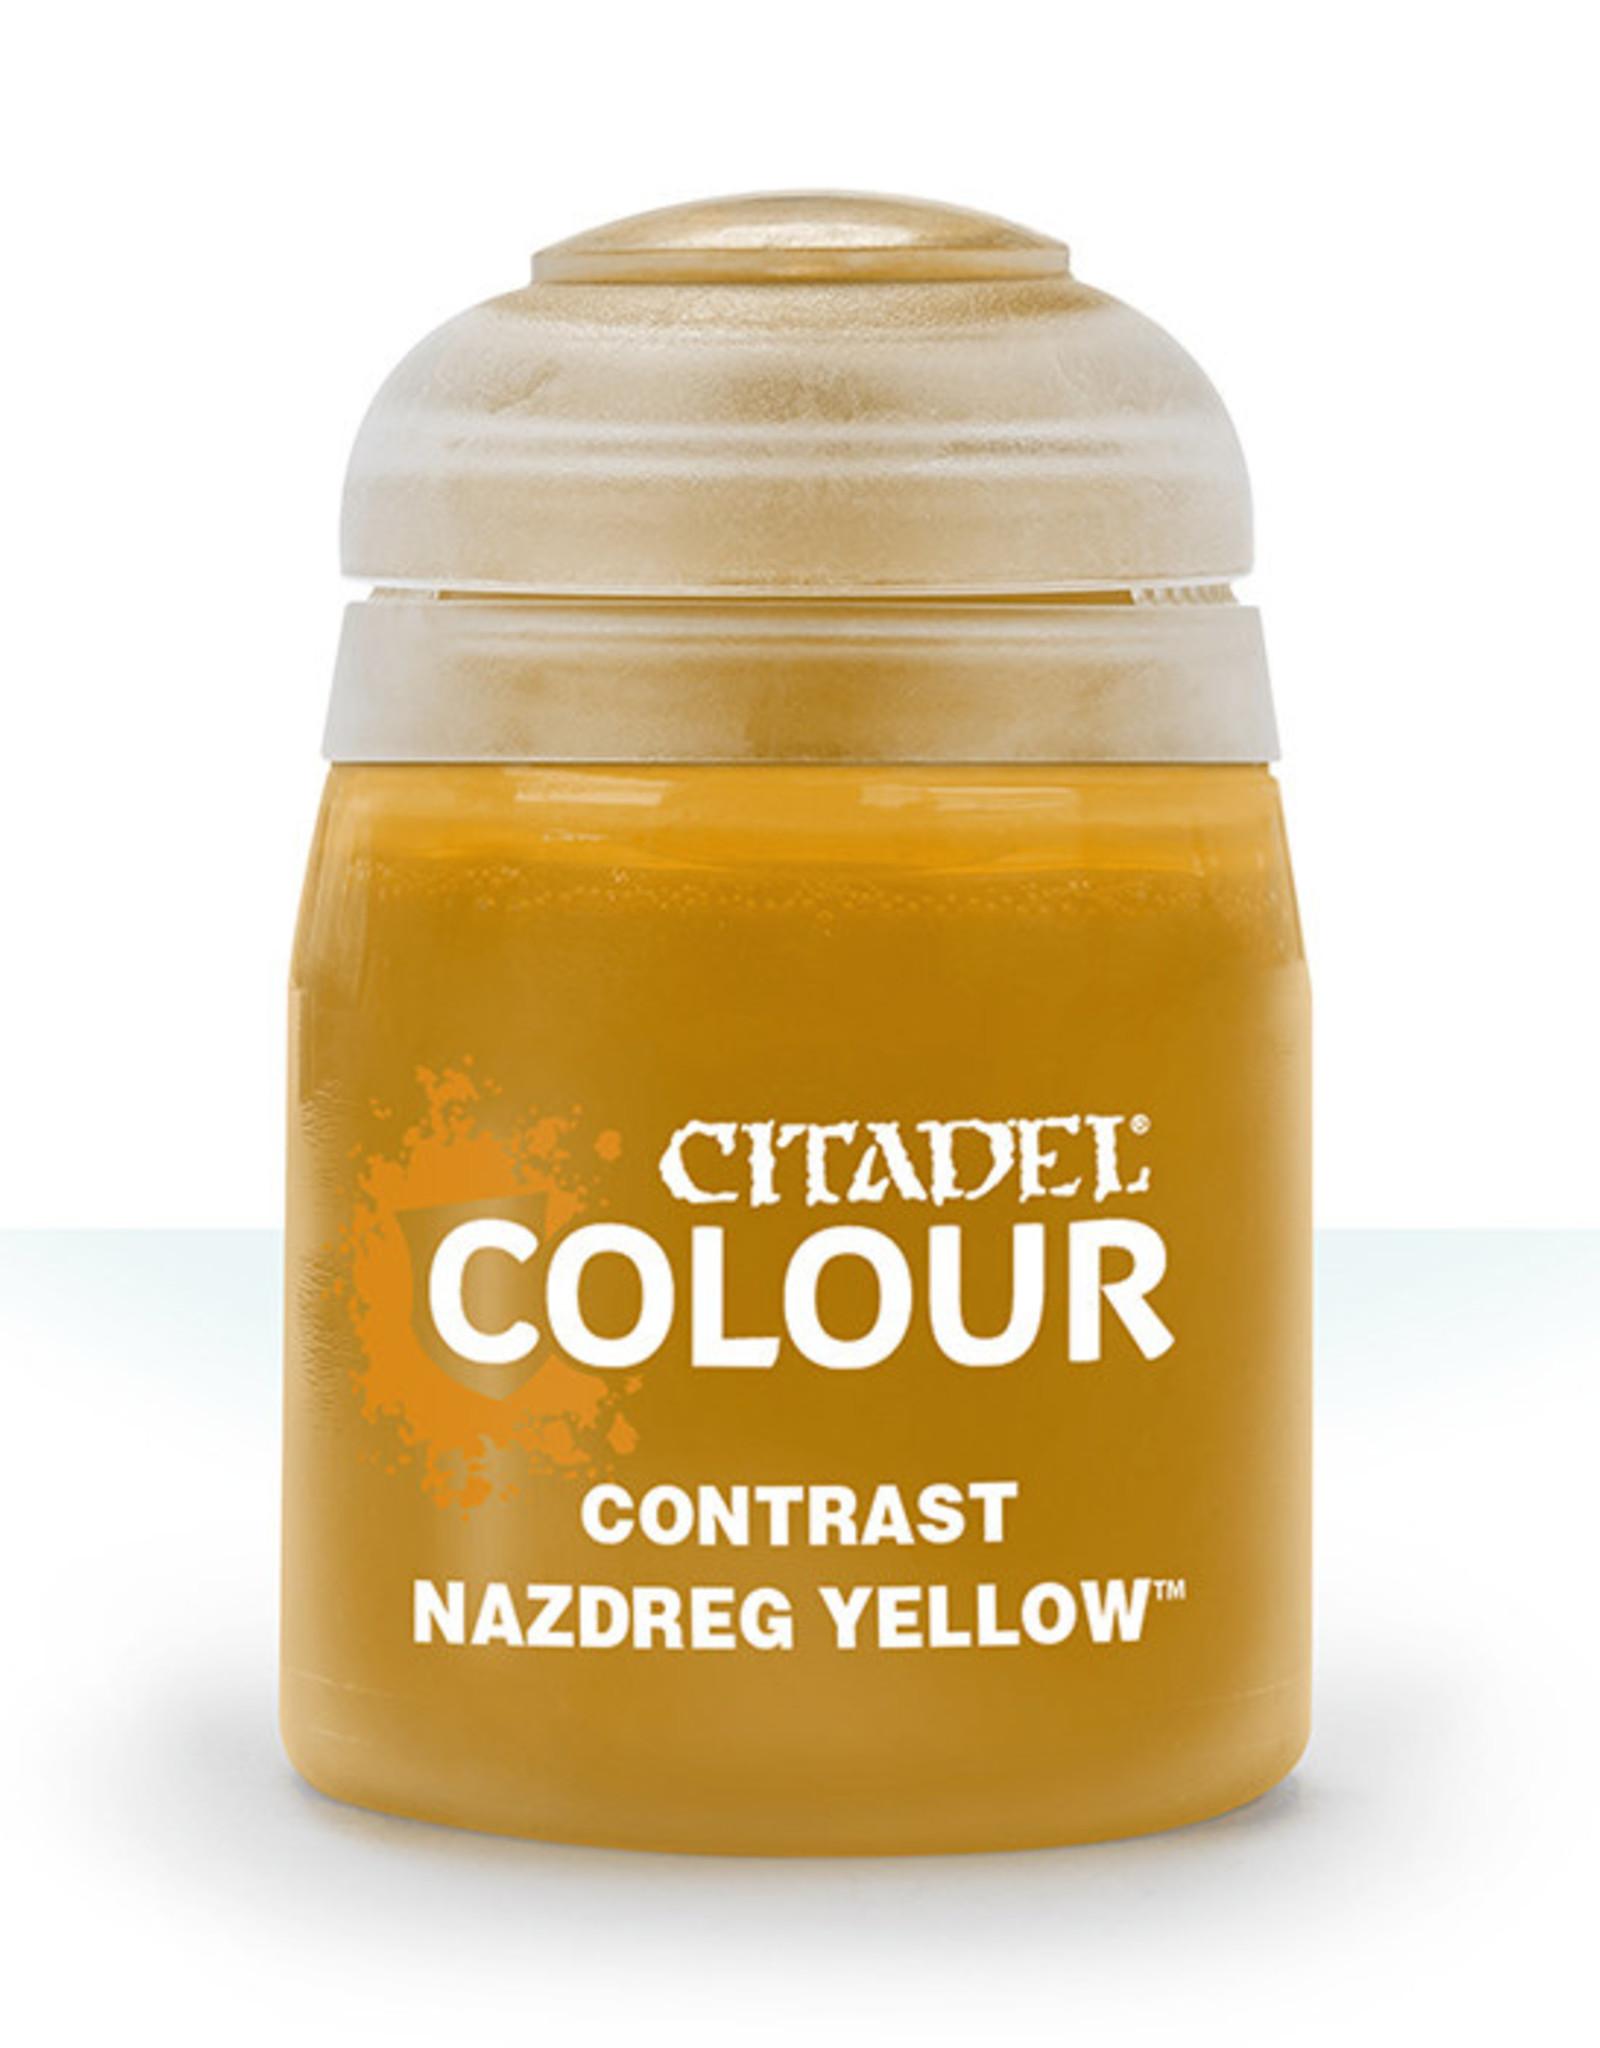 Citadel Citadel Colour: Contrast - Nazdreg Yellow